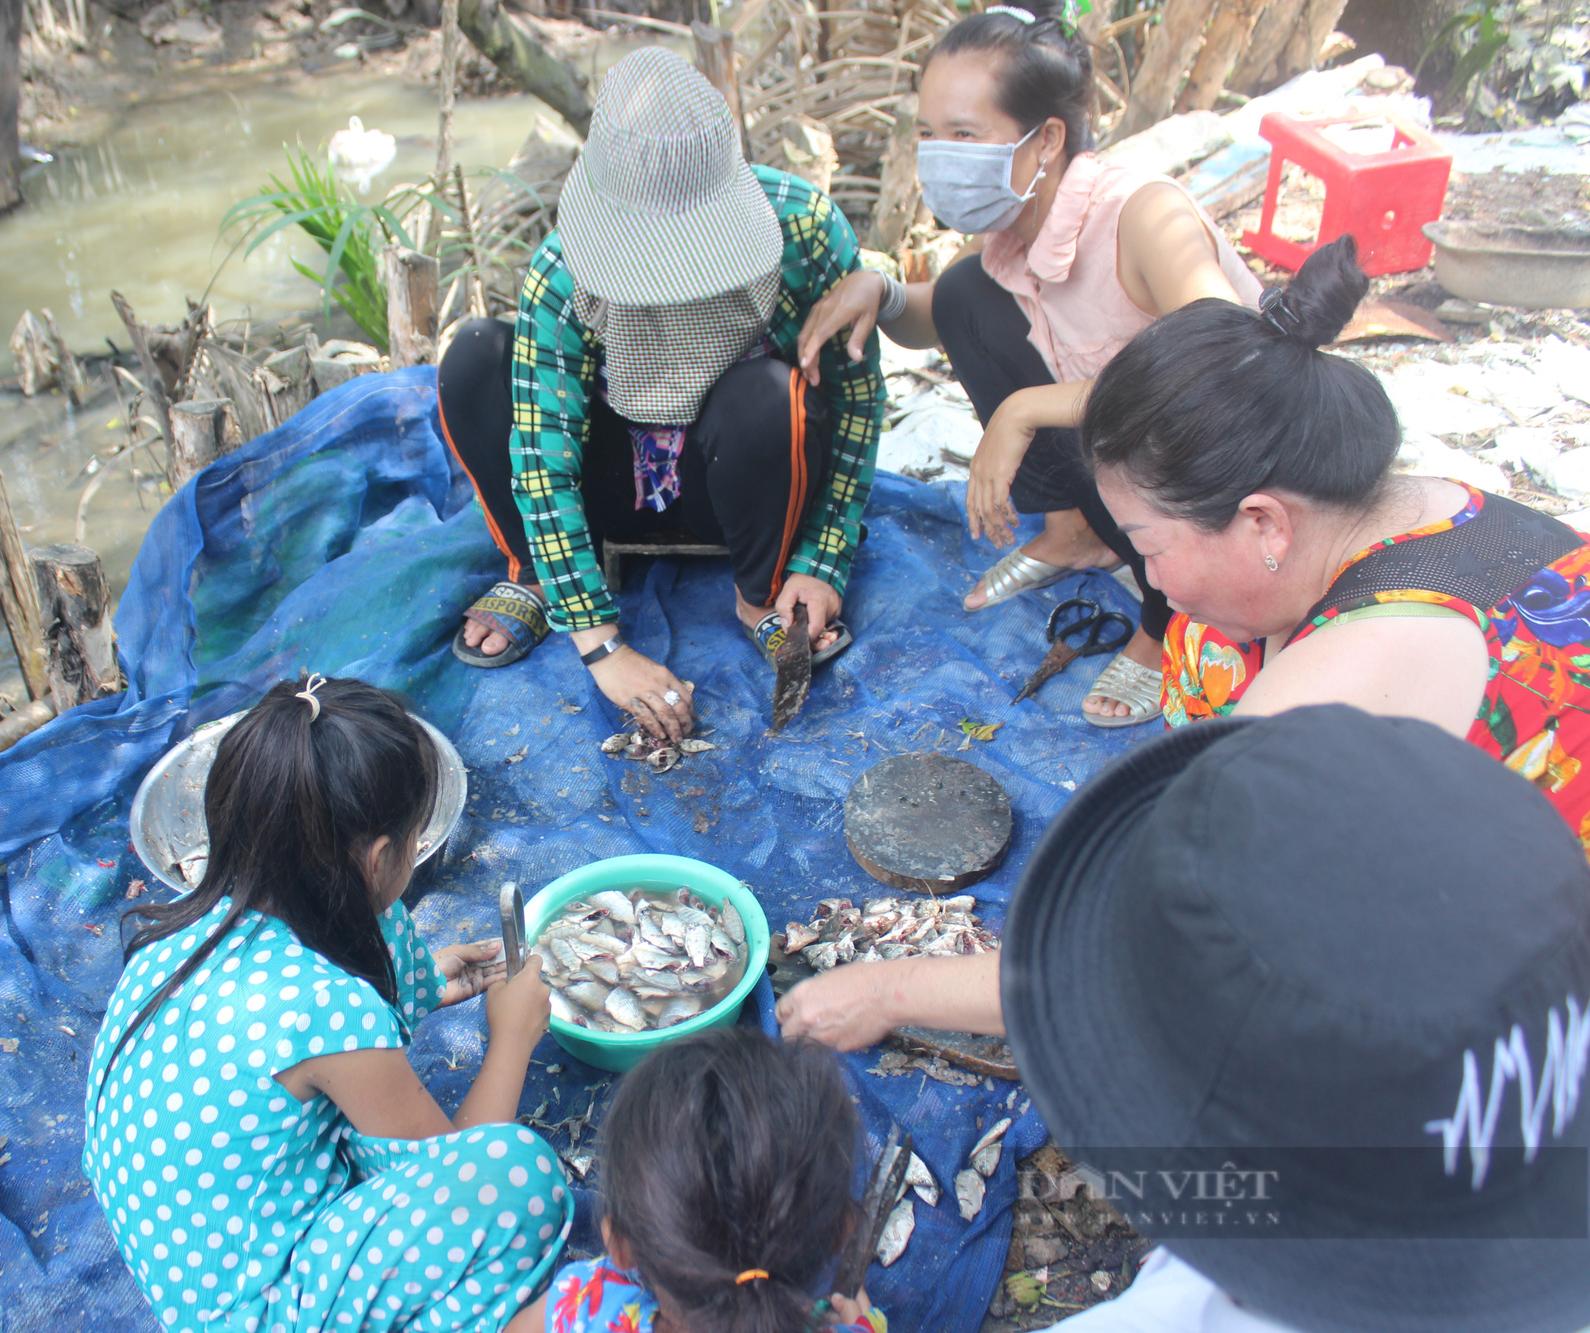 Ảnh: Người dân lao động mò cua, bắt cá lay lắt sống qua ngày tại TP.HCM - Ảnh 5.